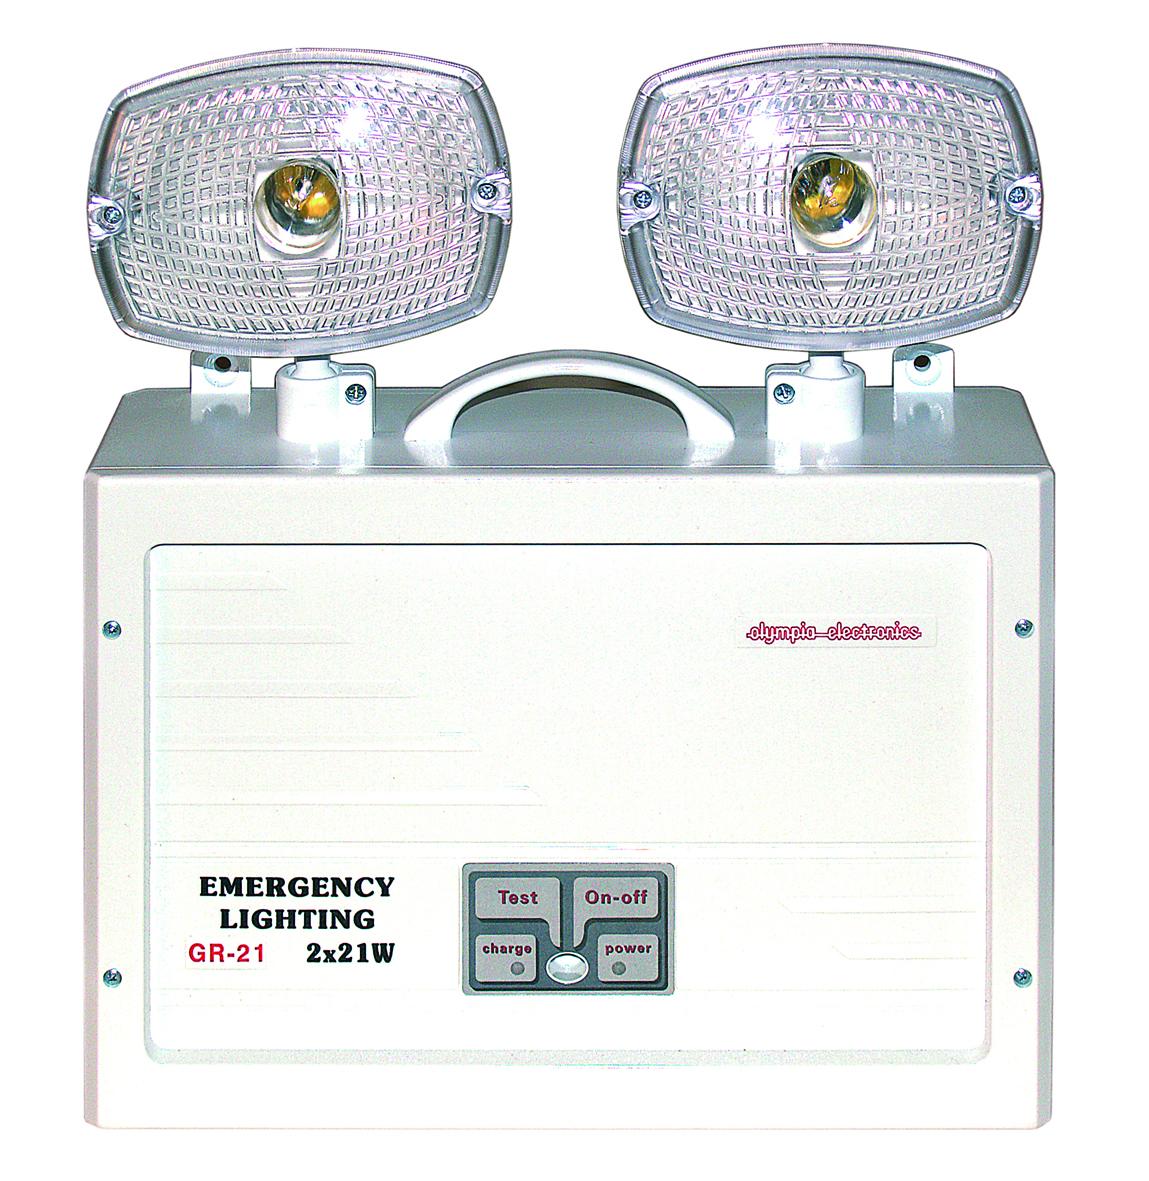 Φωτιστικό ασφαλείας υψηλής ισχύος -GRL-21 σπιτι   γραφειο  gt  συστήματα ασφαλείας  gt  φωτιστικά ασφαλείας